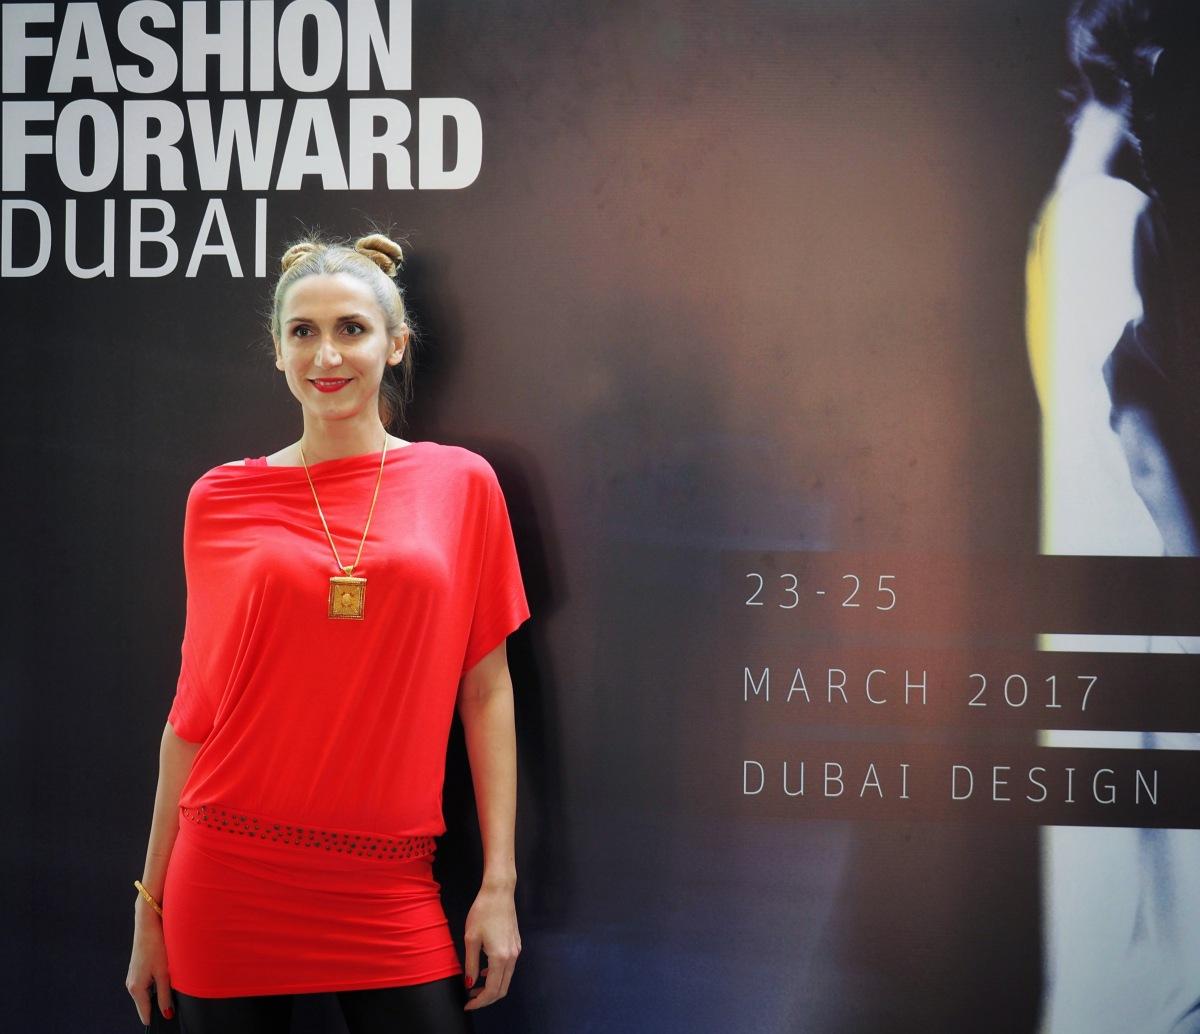 Fashion Forward Dubai – it'son!